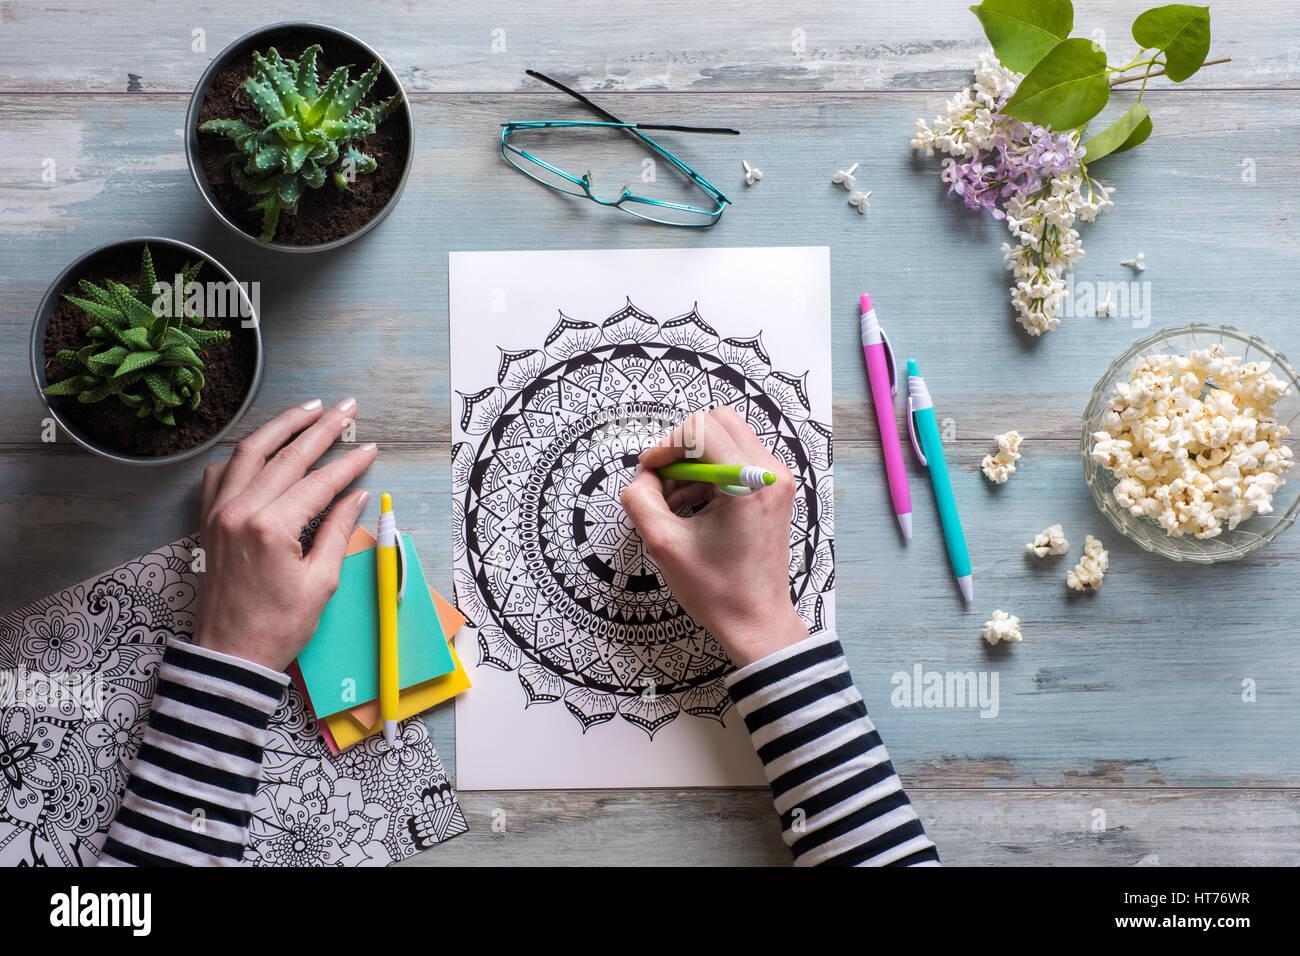 Flach, weiblichen Färbung nach Malbücher, neue Spannungsarmglühen Trend Stockbild